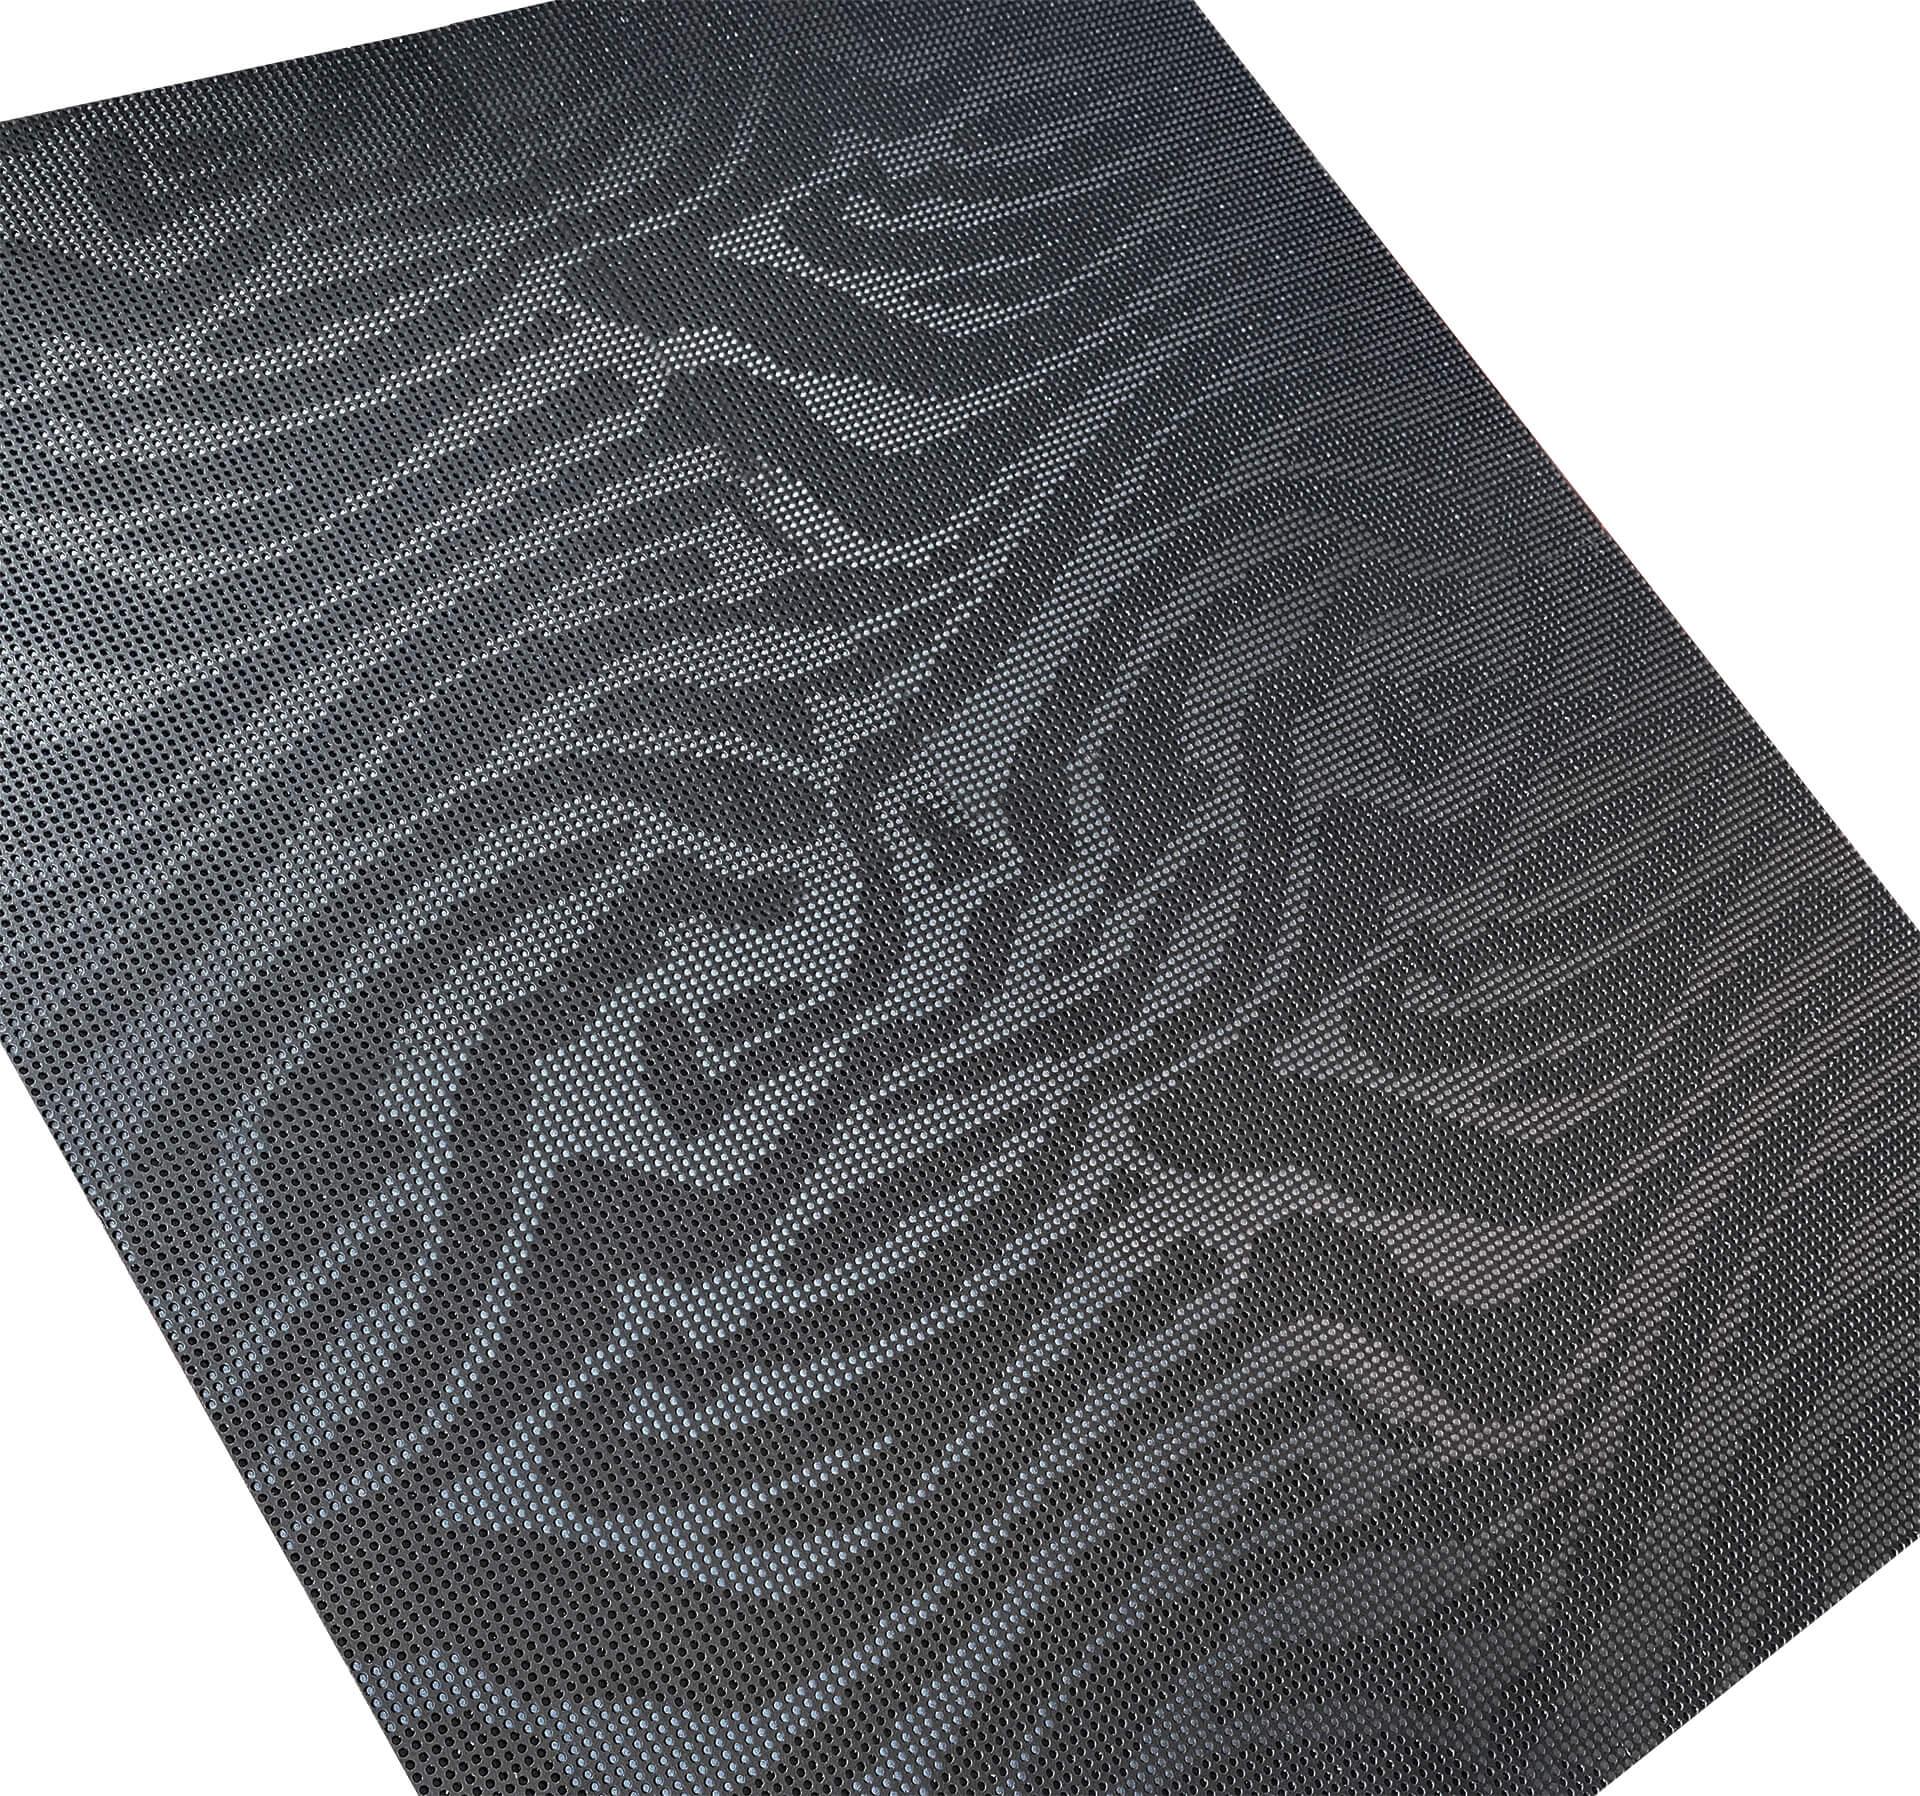 JLR-floor-panels_detail